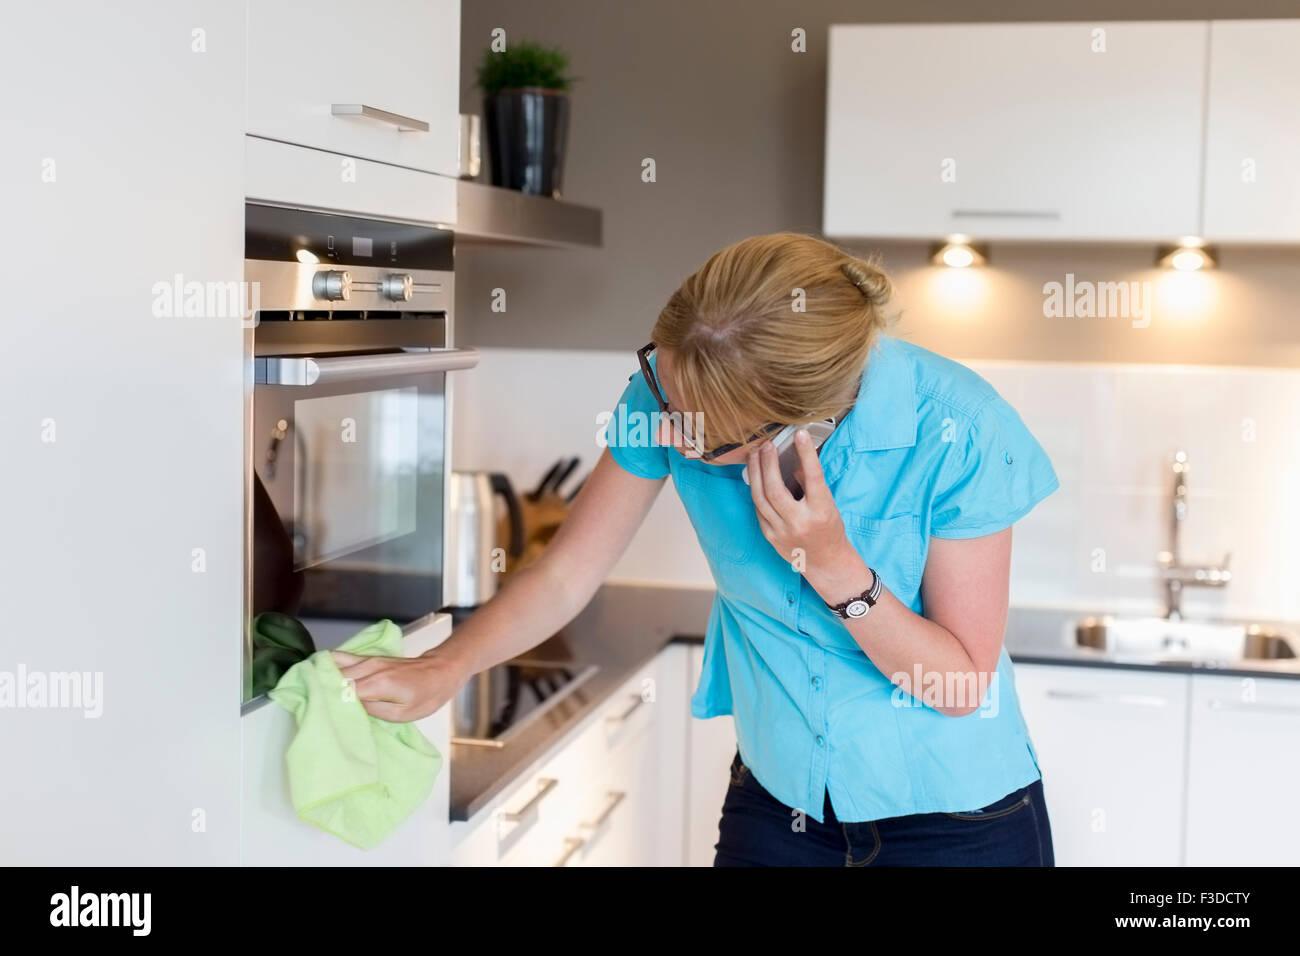 Donna di casa di pulizia Immagini Stock